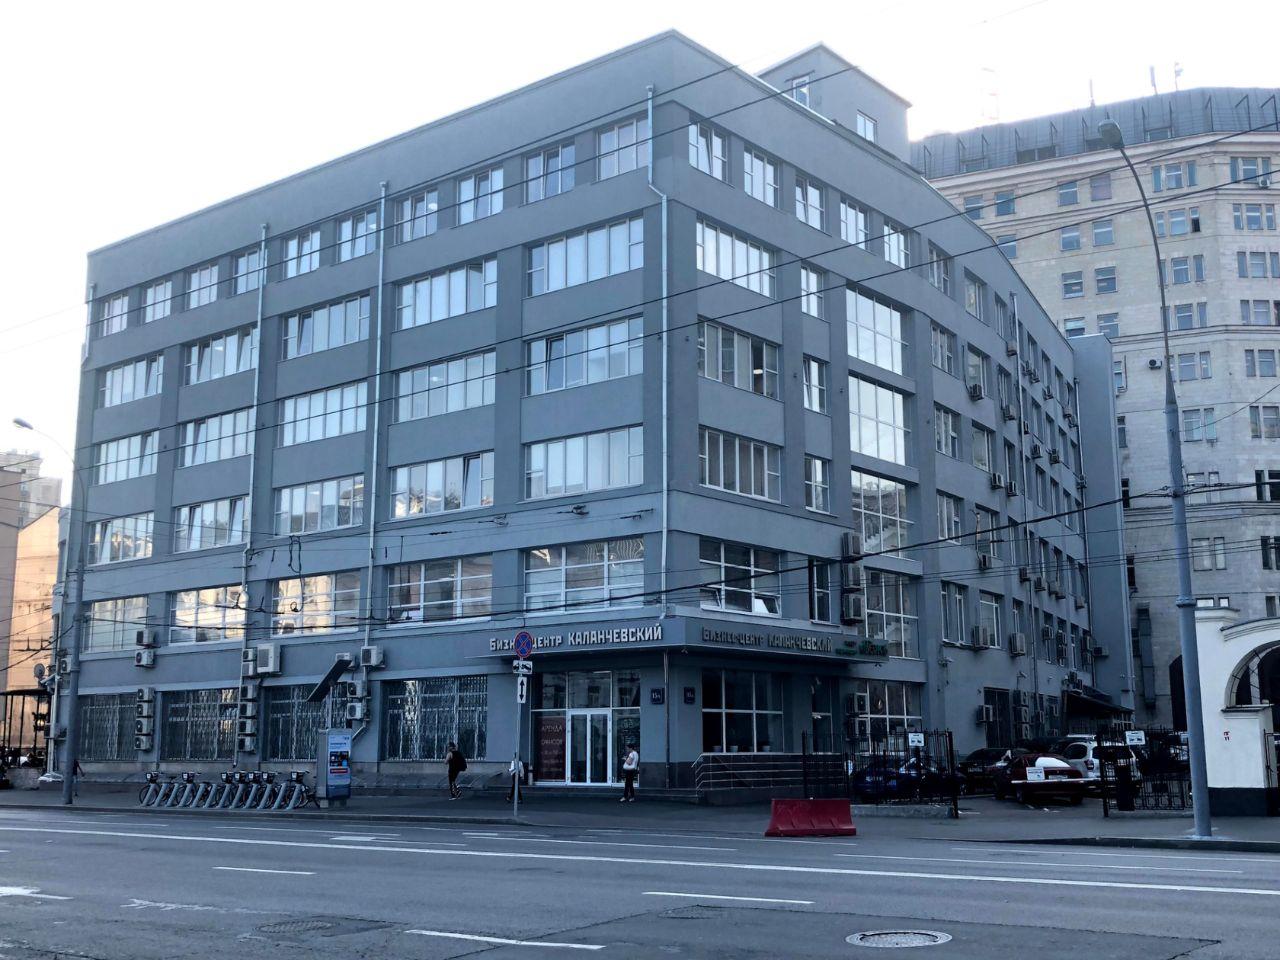 Москва культурная и коммерческаянедвижимость строительный рынок коммерческой недвижимости